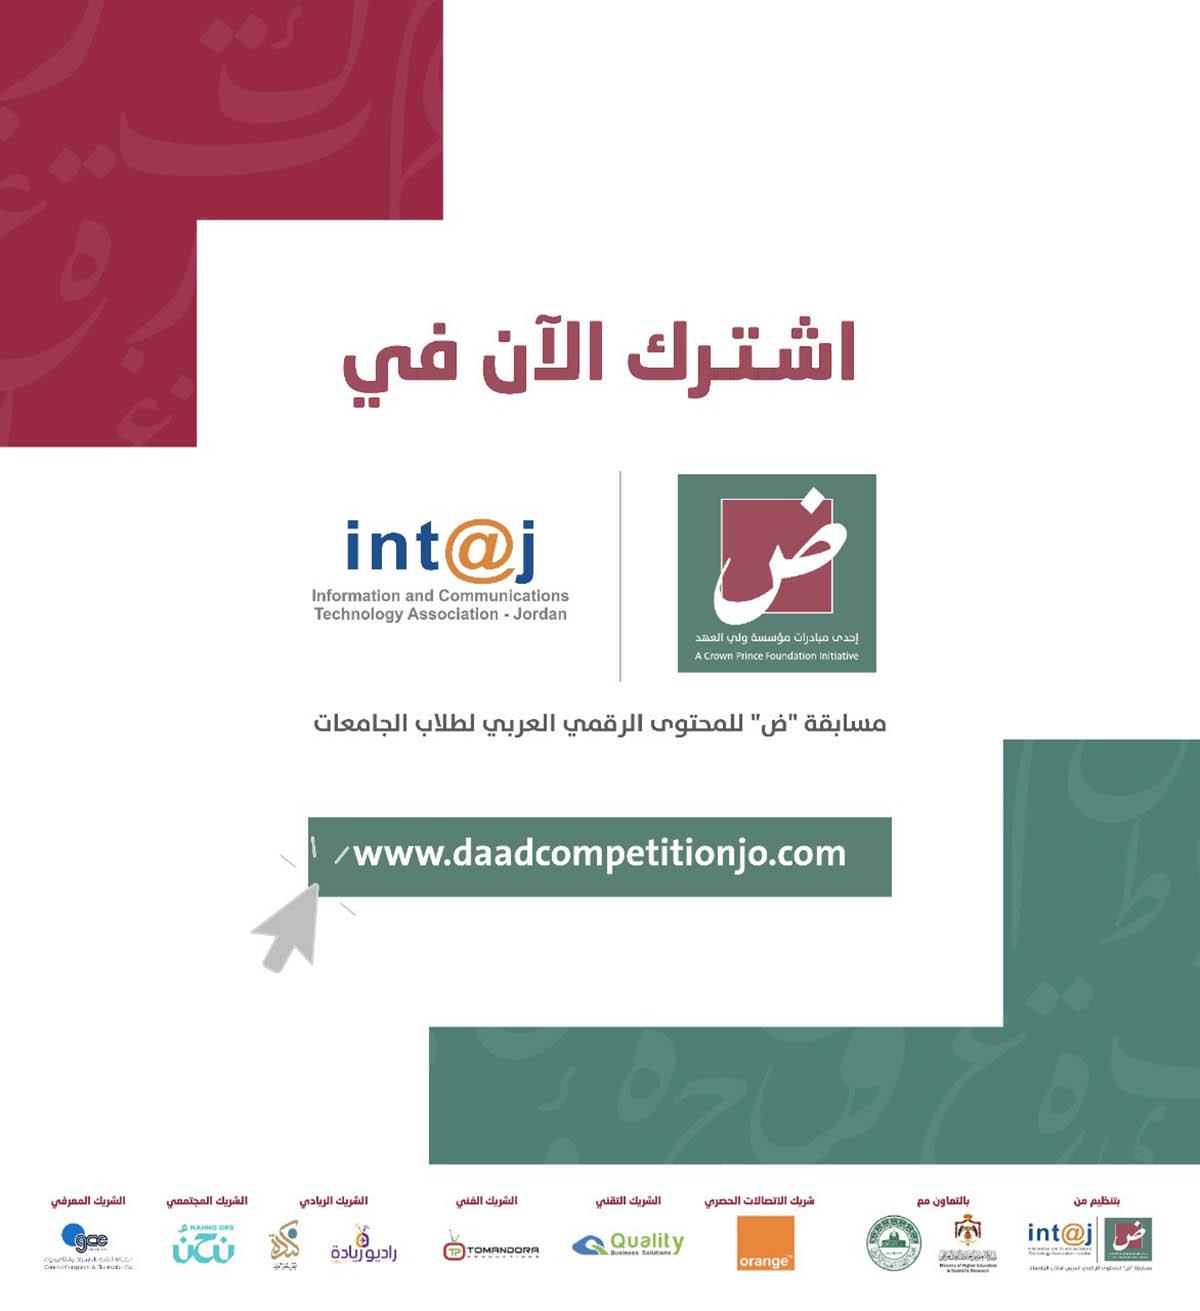 """انطلاقاً من إيمانها بدور الشباب أورانج الأردن راعي الاتصالات الرسمي لمبادرة """"ض"""" للمحتوى الرقمي العربي"""